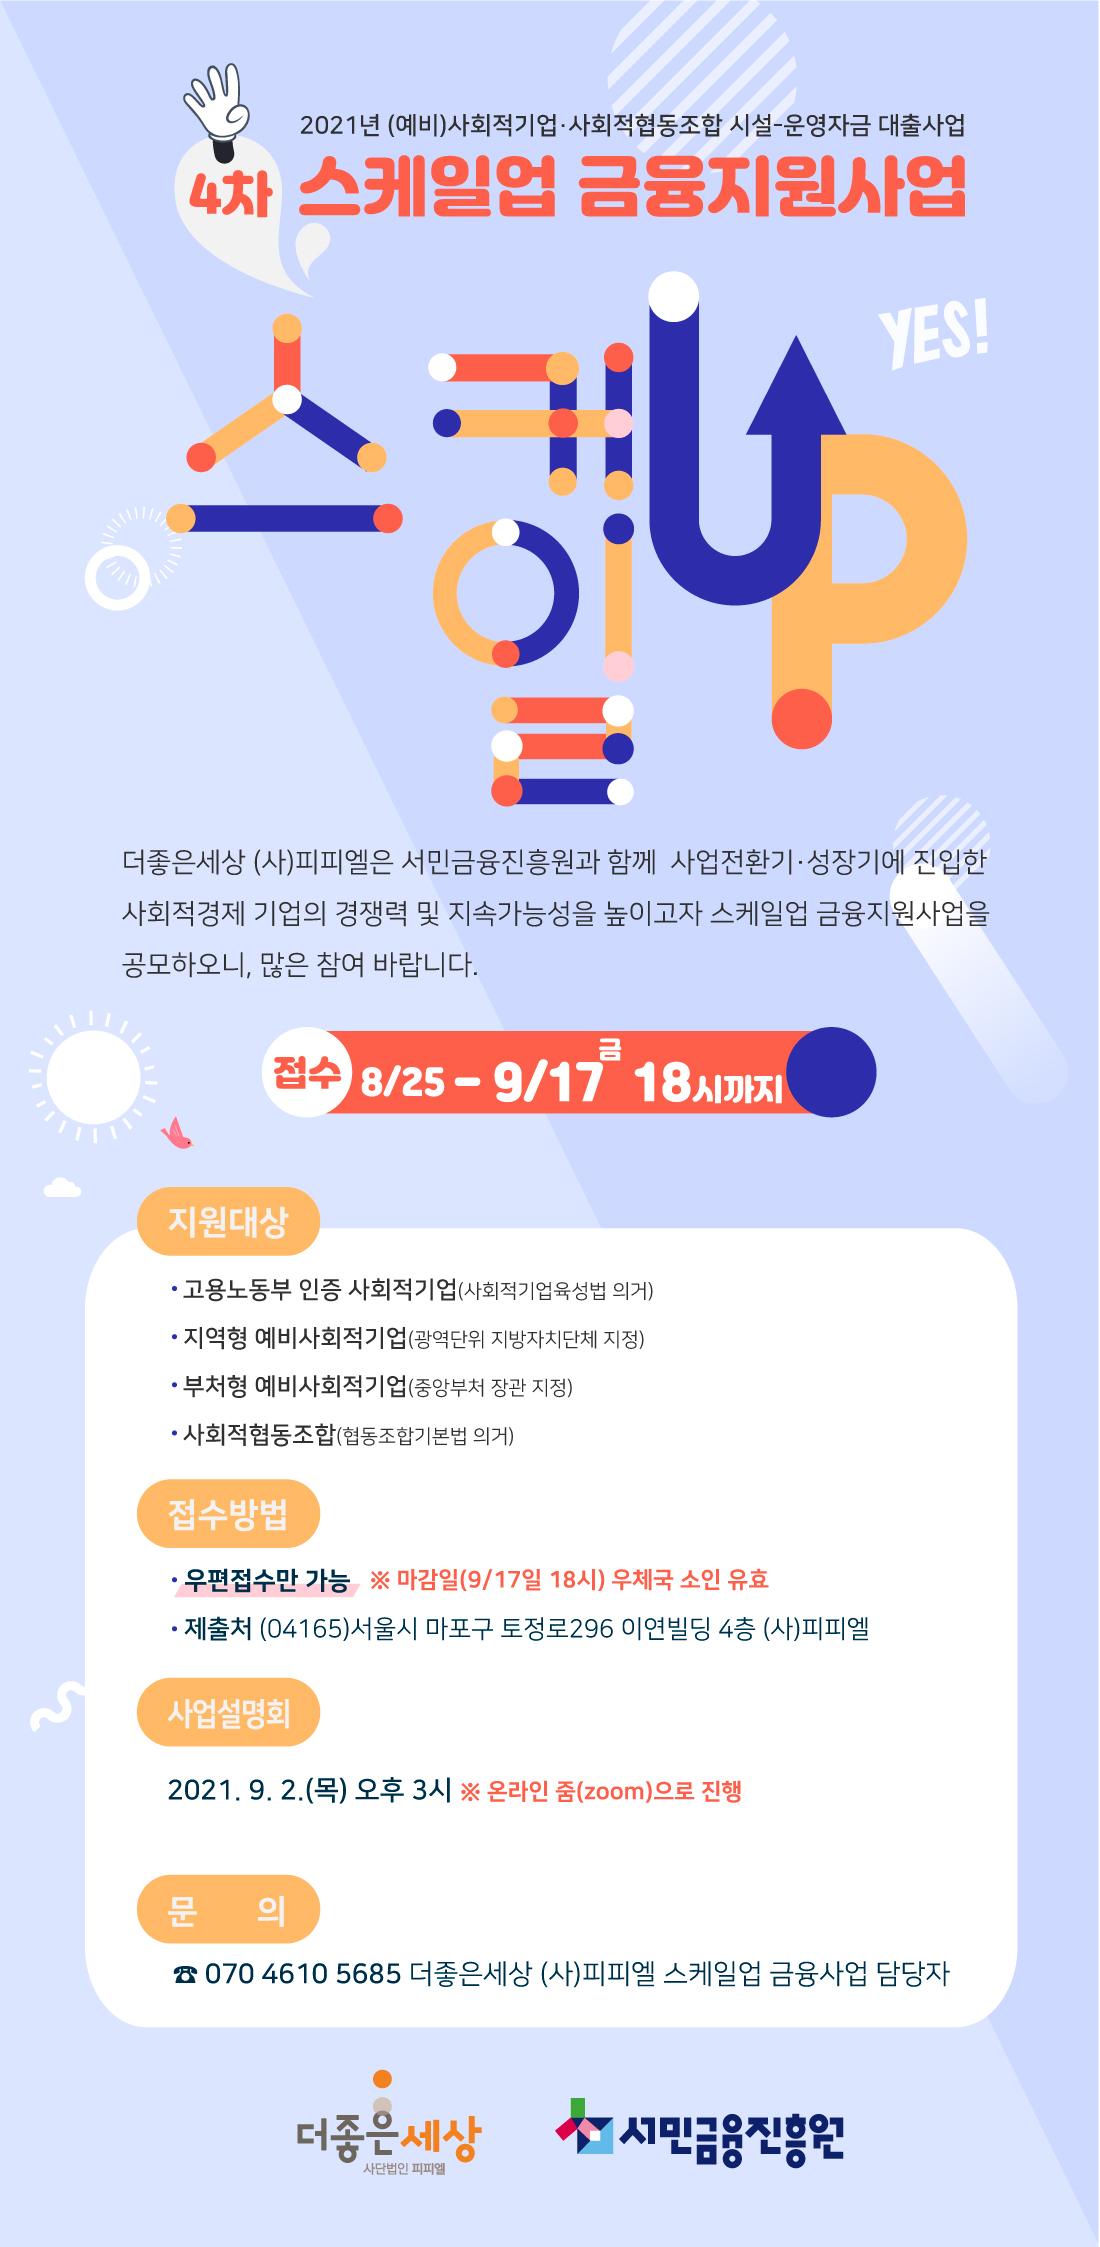 [안내] 서민금융진흥원X피피엘   2021년 제4차 스케일업 금융지원사업